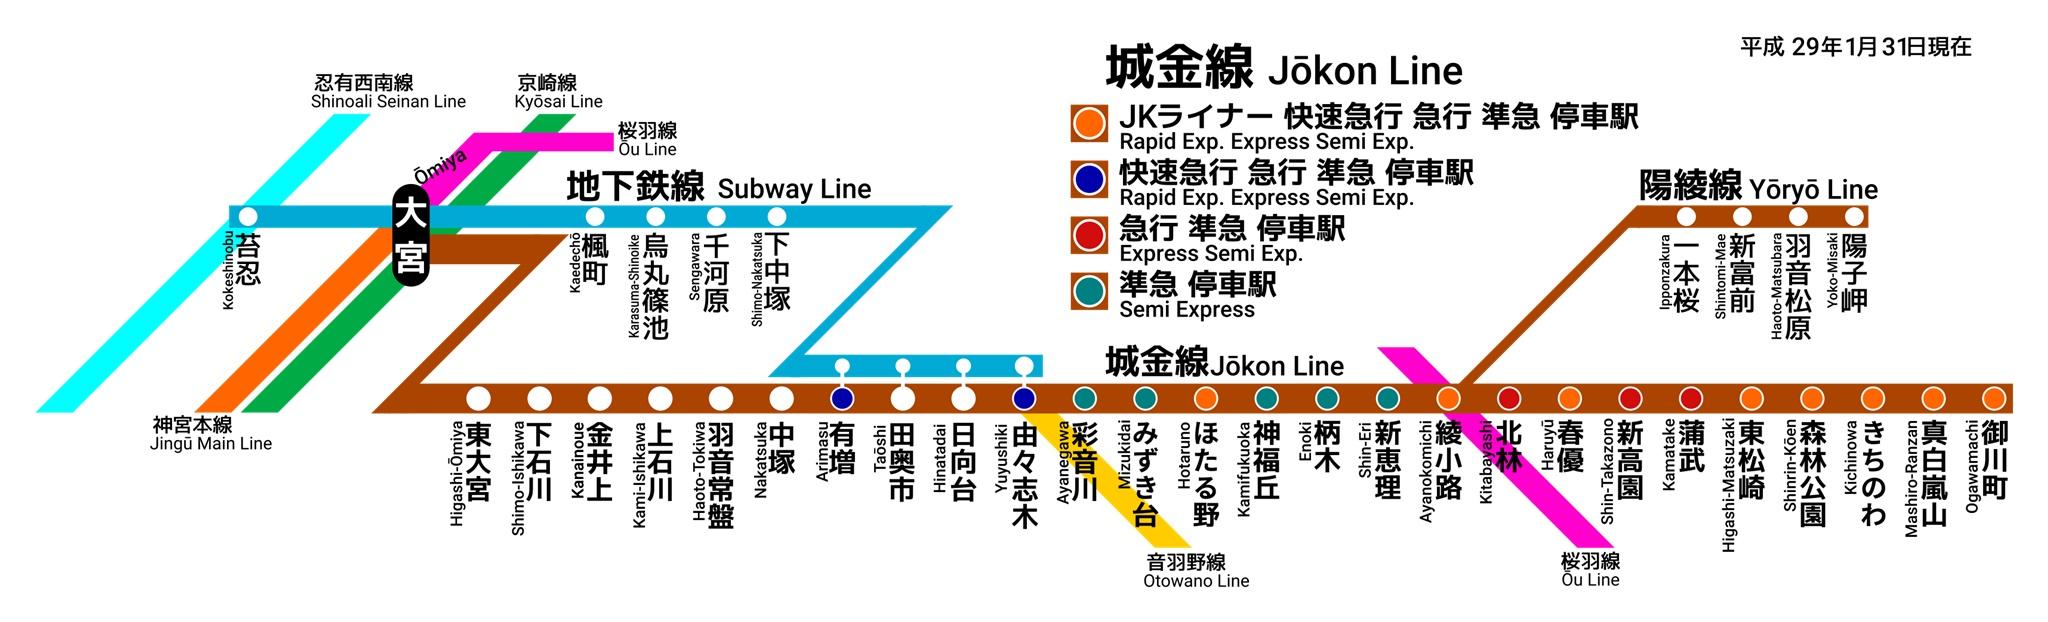 城金線路線図2017.01.jpg